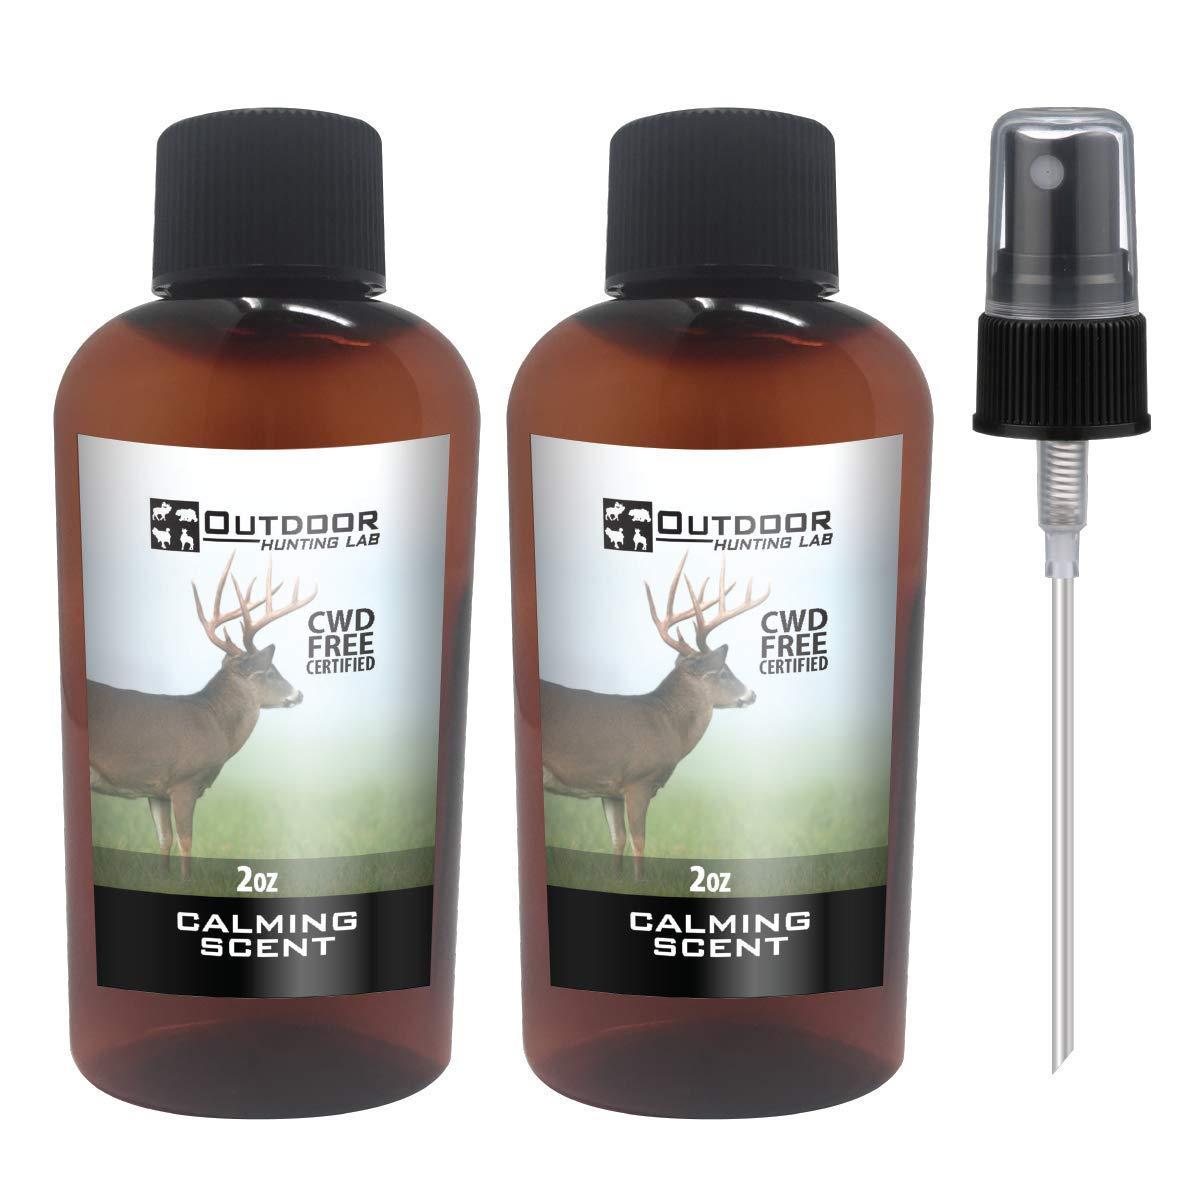 Outdoor Hunting Labs Calm Deer Attractant Scent - 100% Natural Liquid Scent Lure - Deer Urine Buck Attractants for Hunting (2 Bottle) by Outdoor Hunting Lab